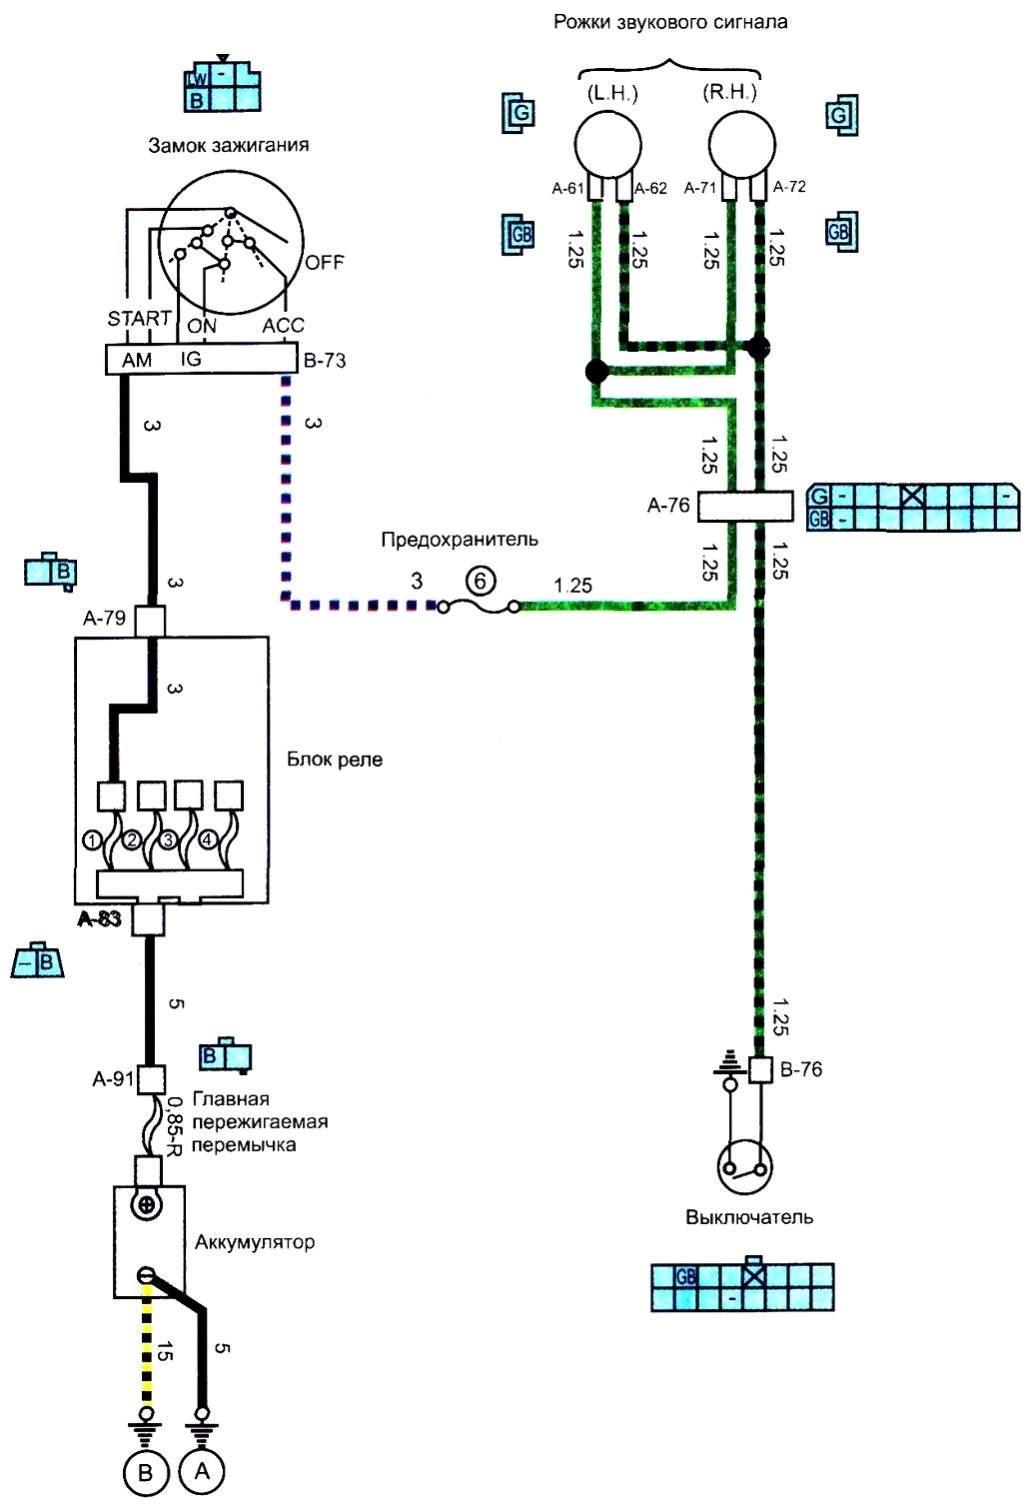 Мицубиси лансер схема сигнал